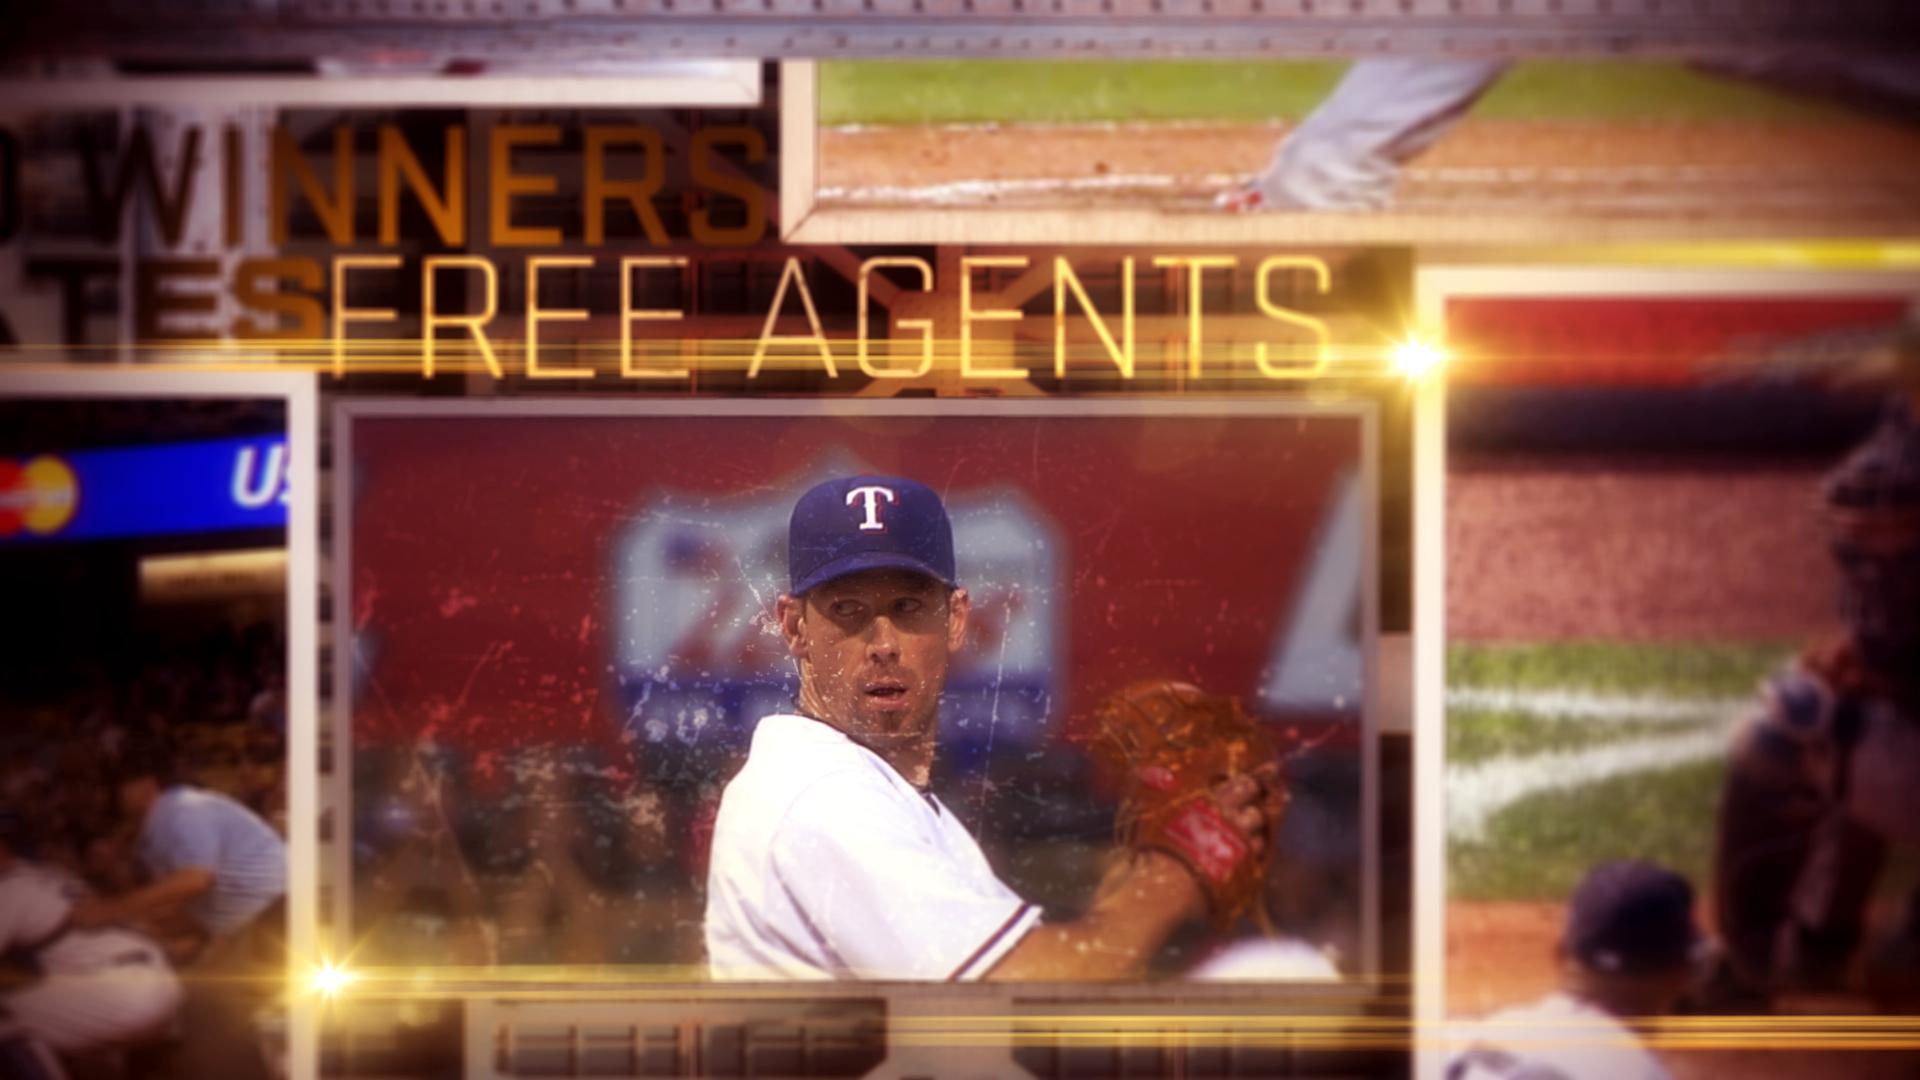 MLB_WDTG_Frame_07_01.jpg